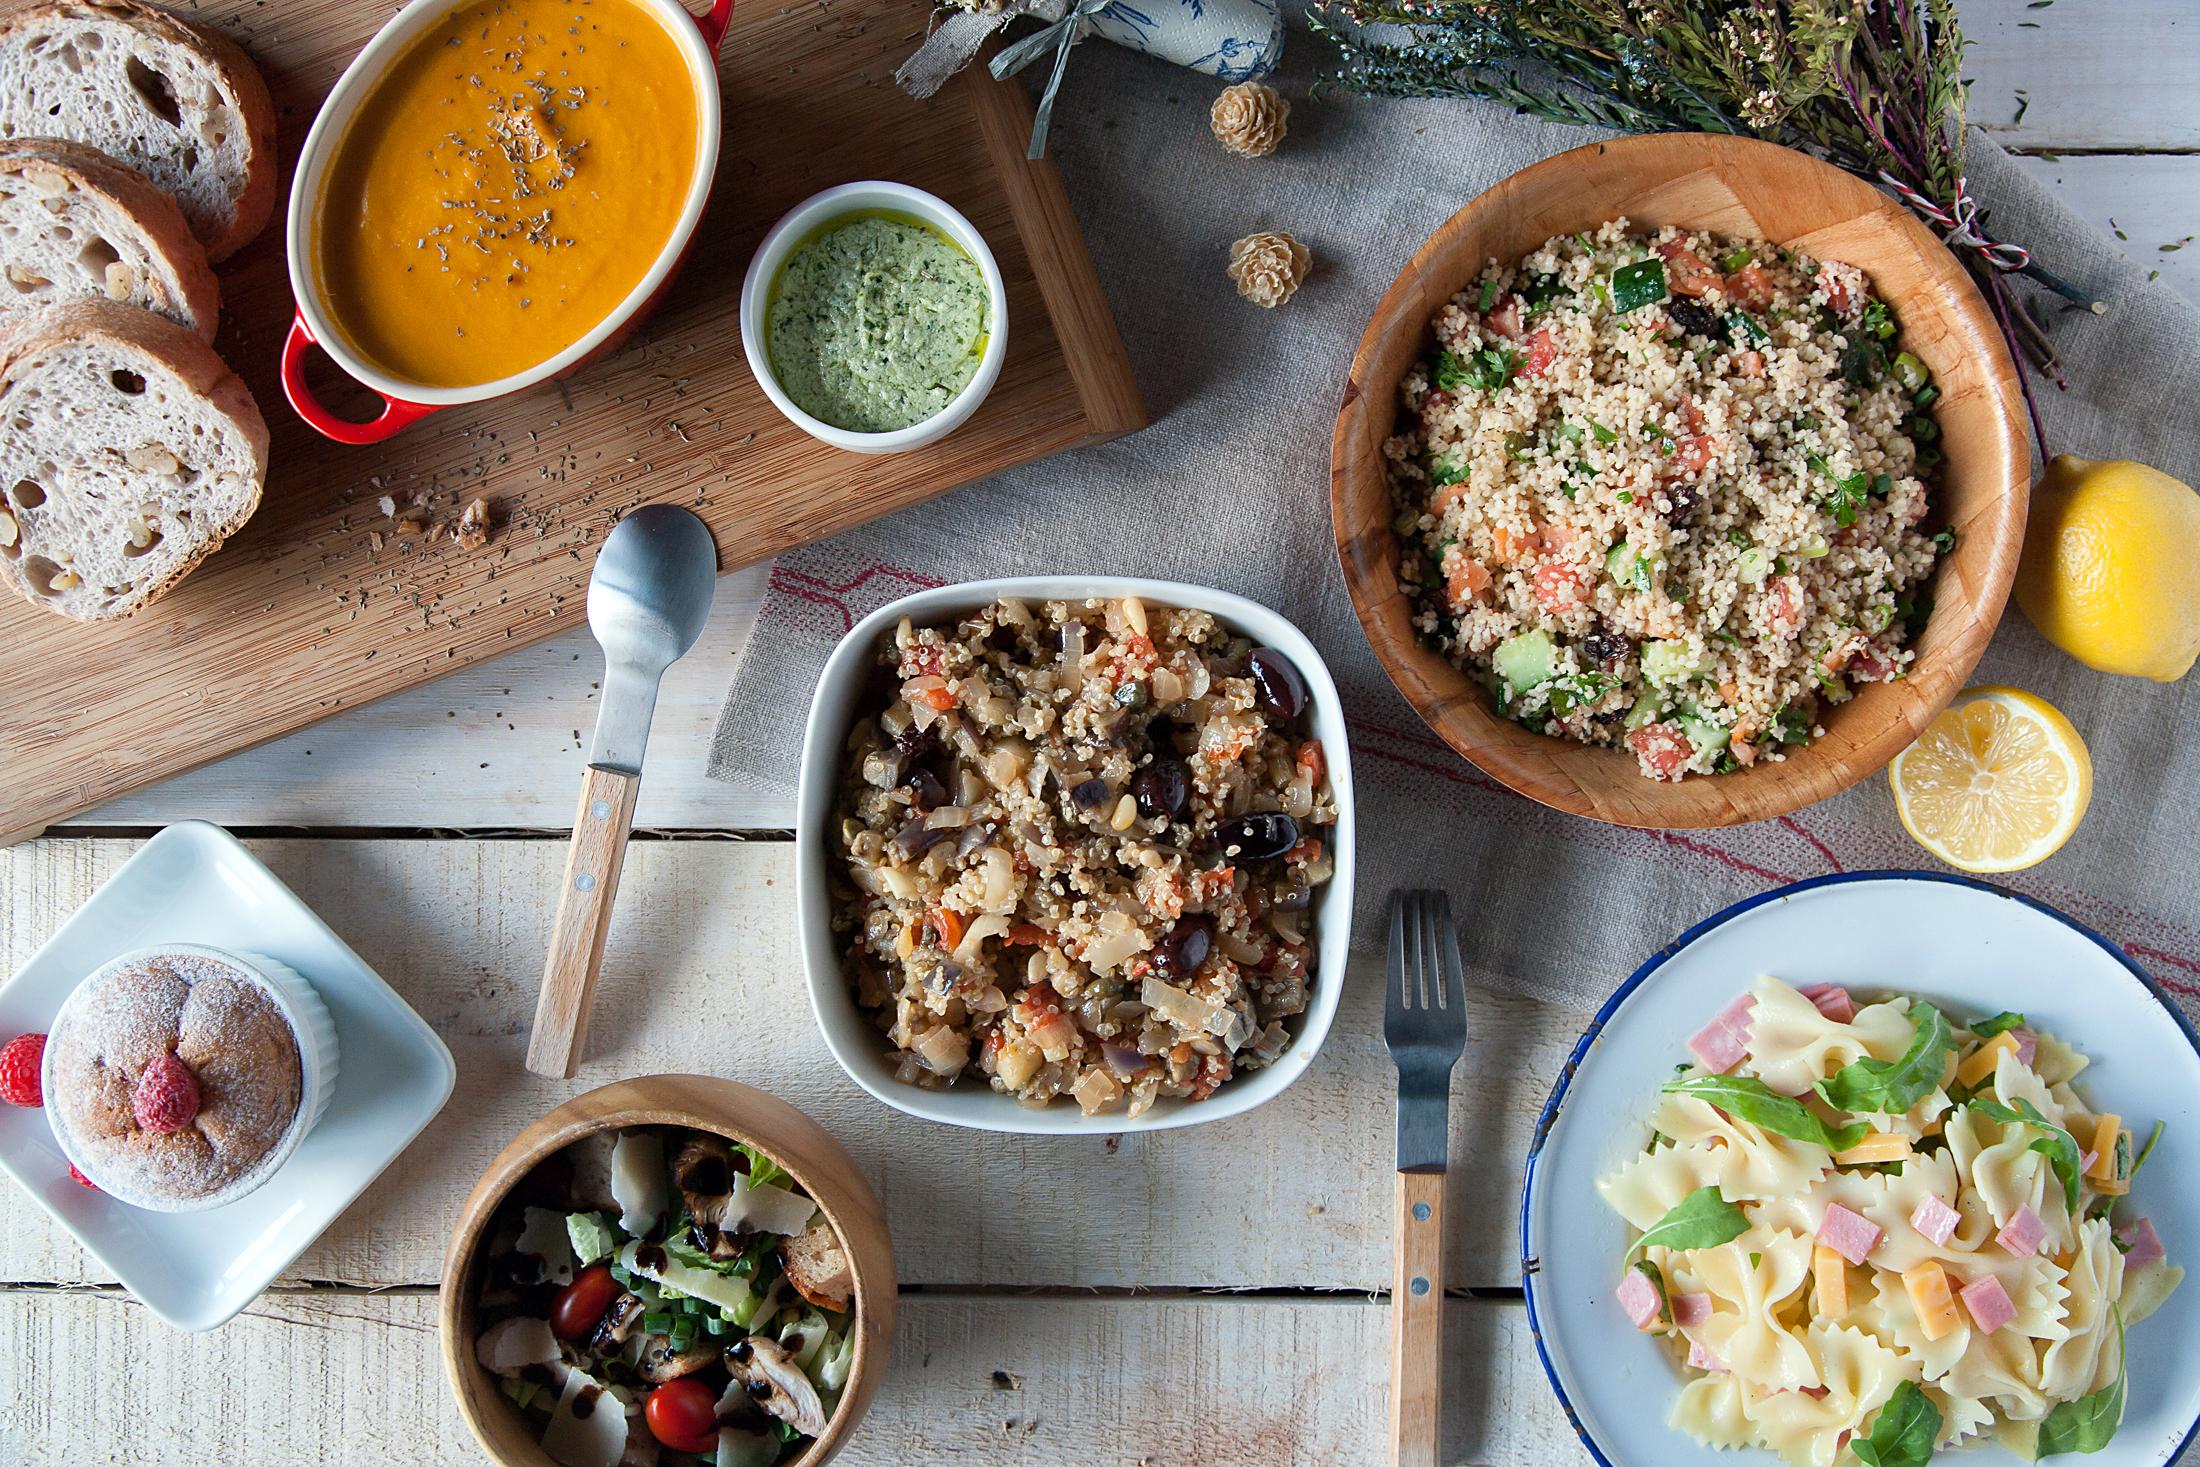 塔布勒沙拉   蝴蝶麵沙拉   香雞佐帕瑪森起司沙拉   西西里燉蔾麥與茄子   瑞扣塔起司青醬番茄濃湯   萊姆覆盆子小蛋糕